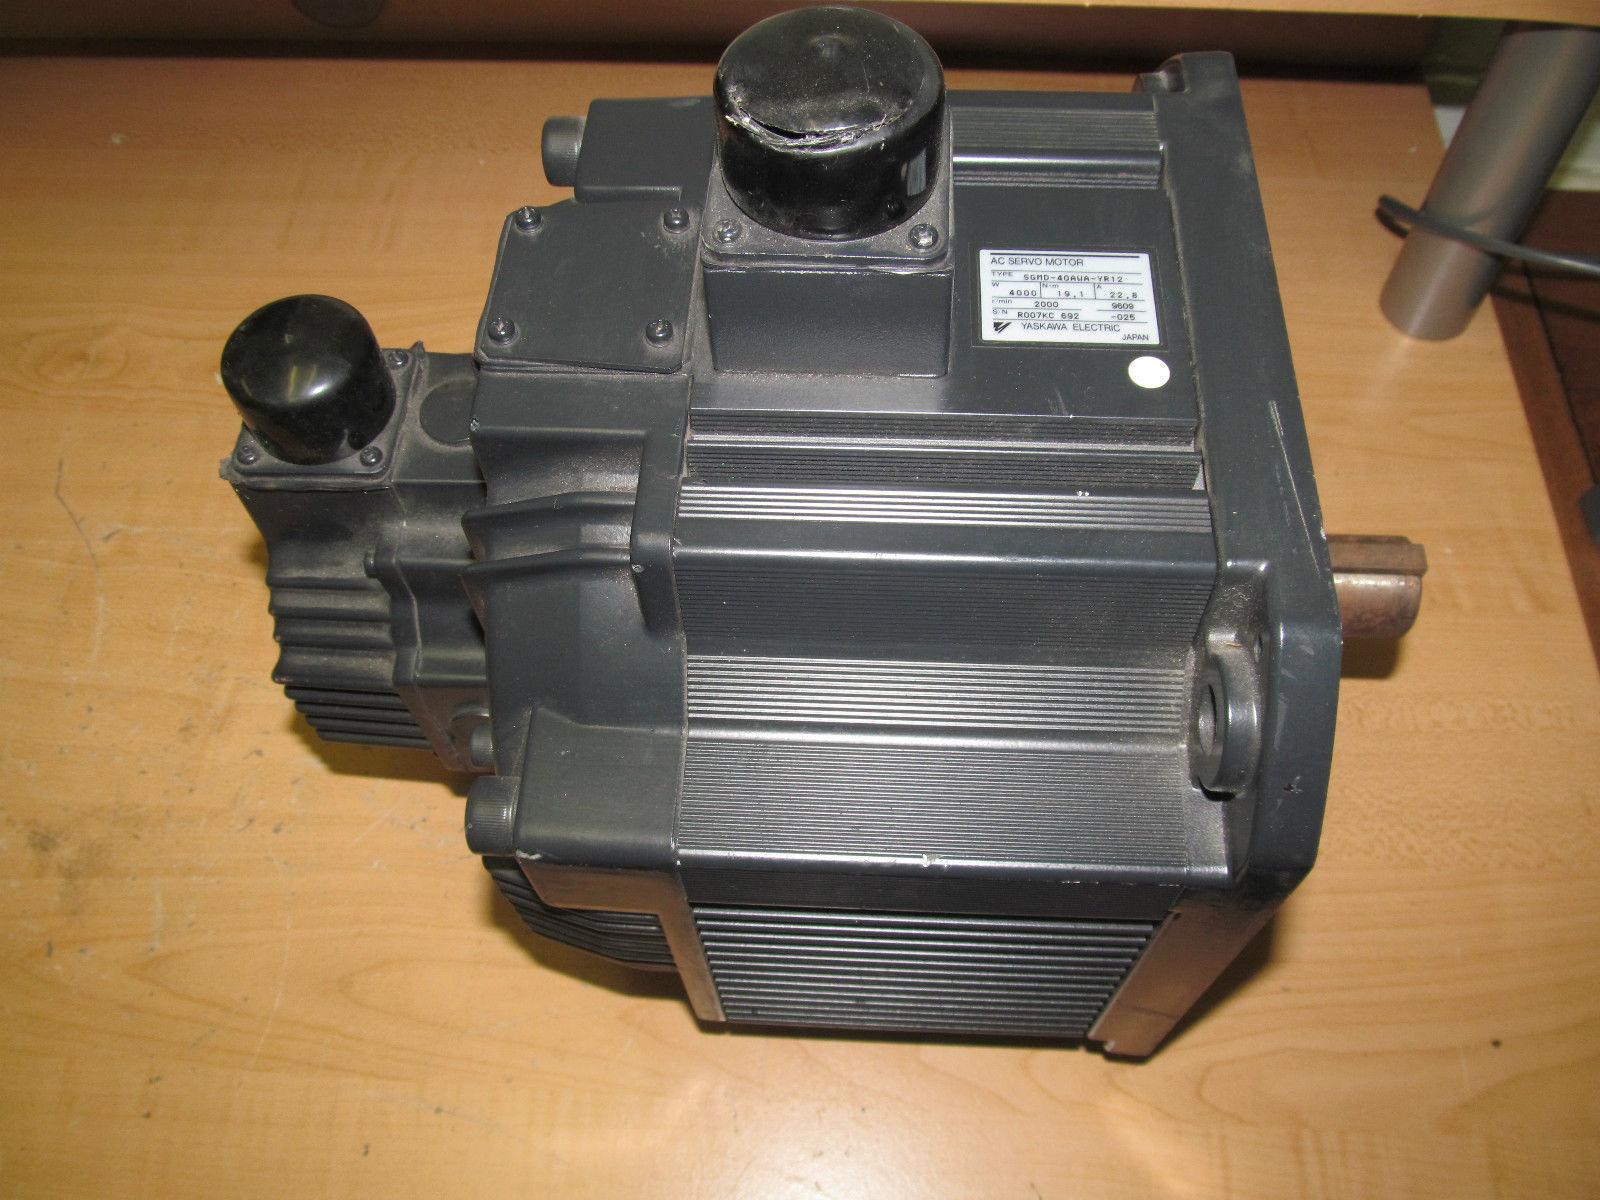 New Yaskawa Ac Servo Motor Sgmd 40awa Yri2 4000w 22 8a